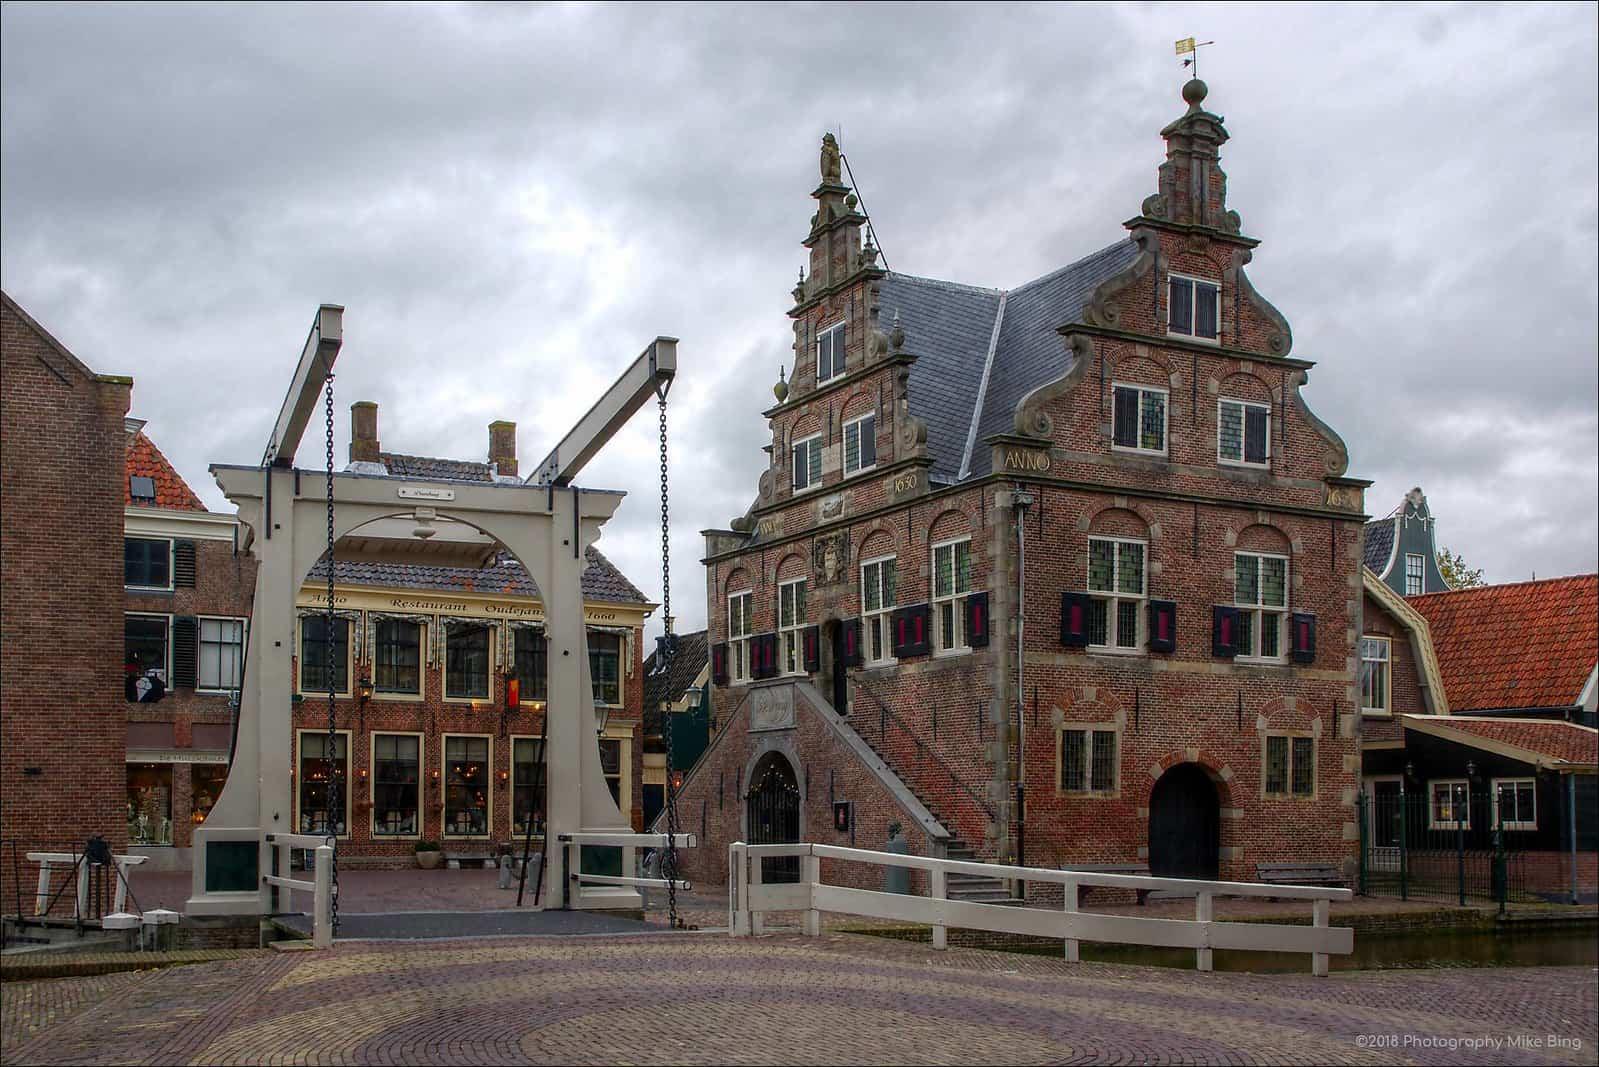 Een ophaalbrug en een historisch gebouw in De Rijp, een van de mooiste Nederlandse dorpjes.